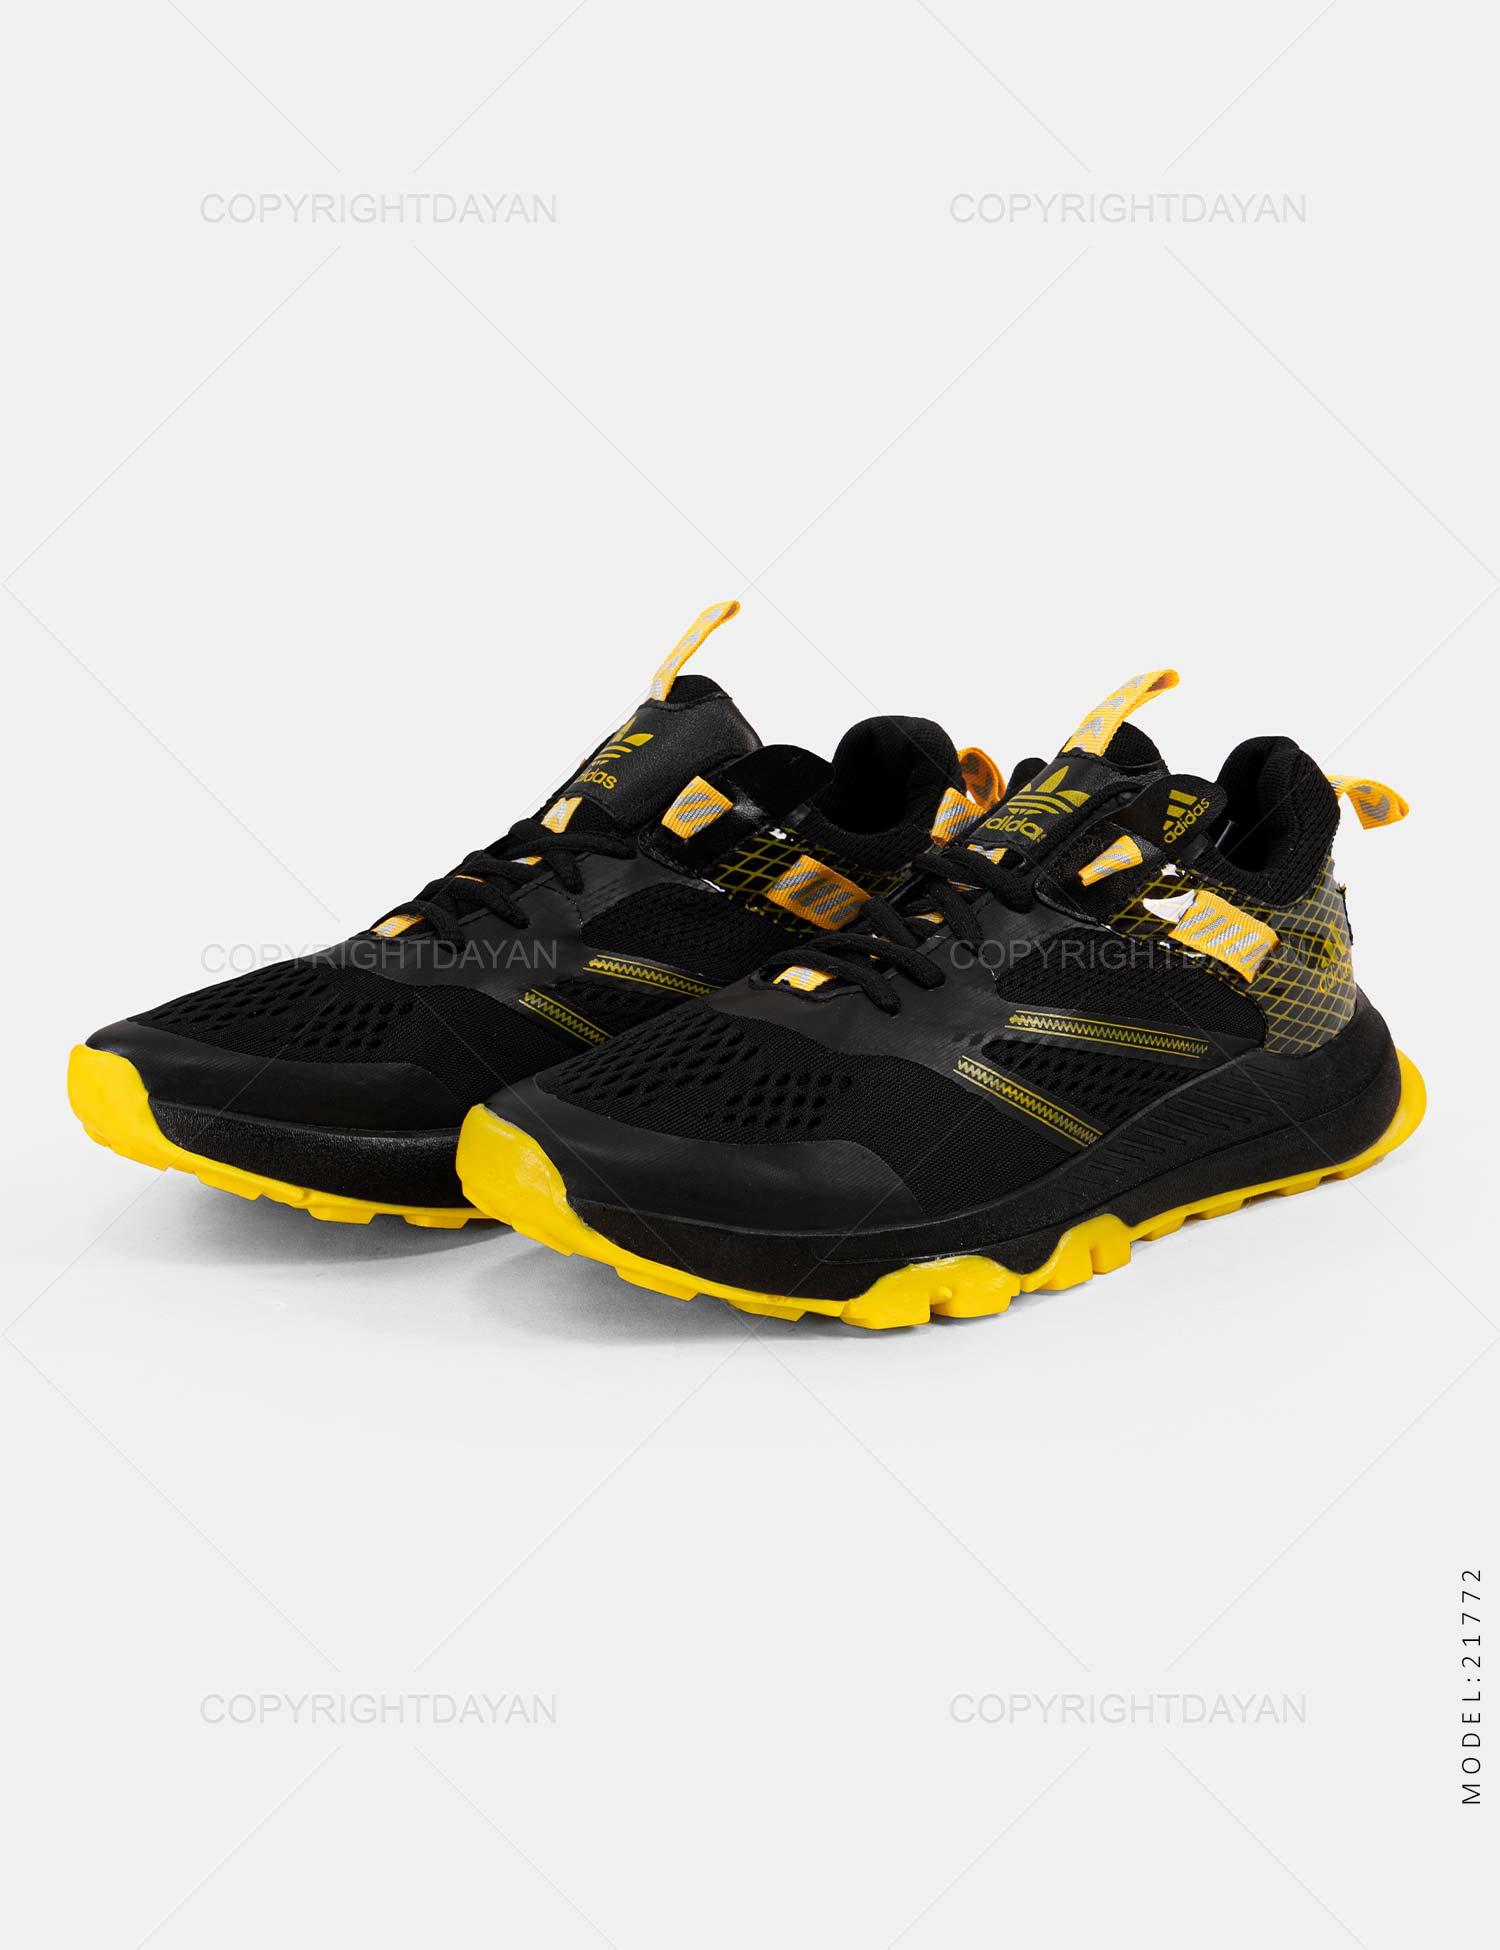 کفش ورزشی مردانه Adidas مدل 21772 کفش ورزشی مردانه Adidas مدل 21772 329,000 تومان